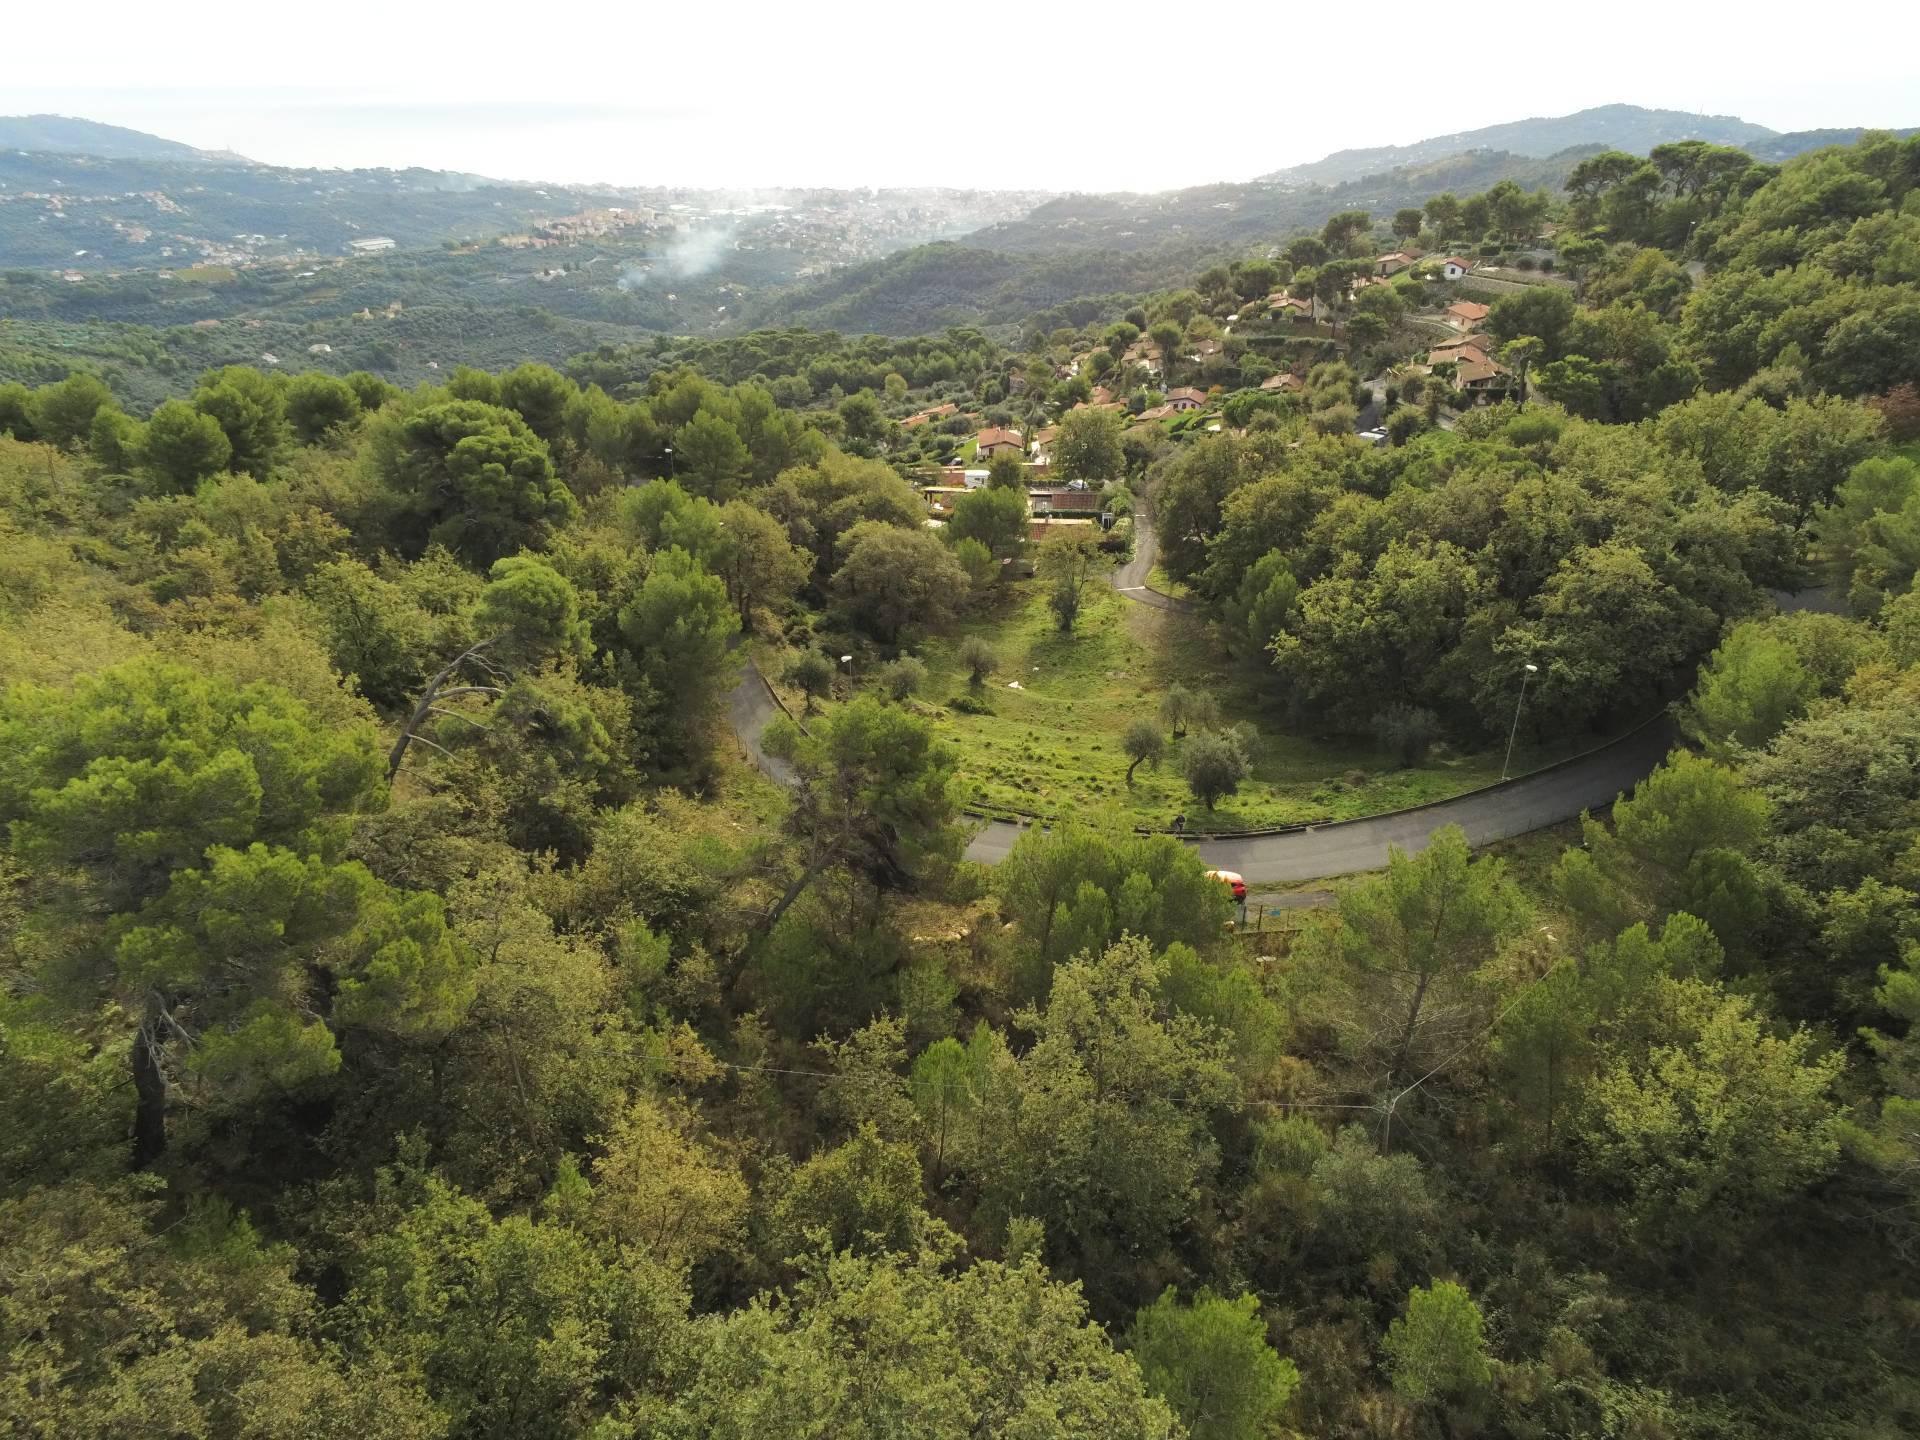 Terreno Agricolo in vendita a Diano Arentino, 9999 locali, prezzo € 545.000 | CambioCasa.it